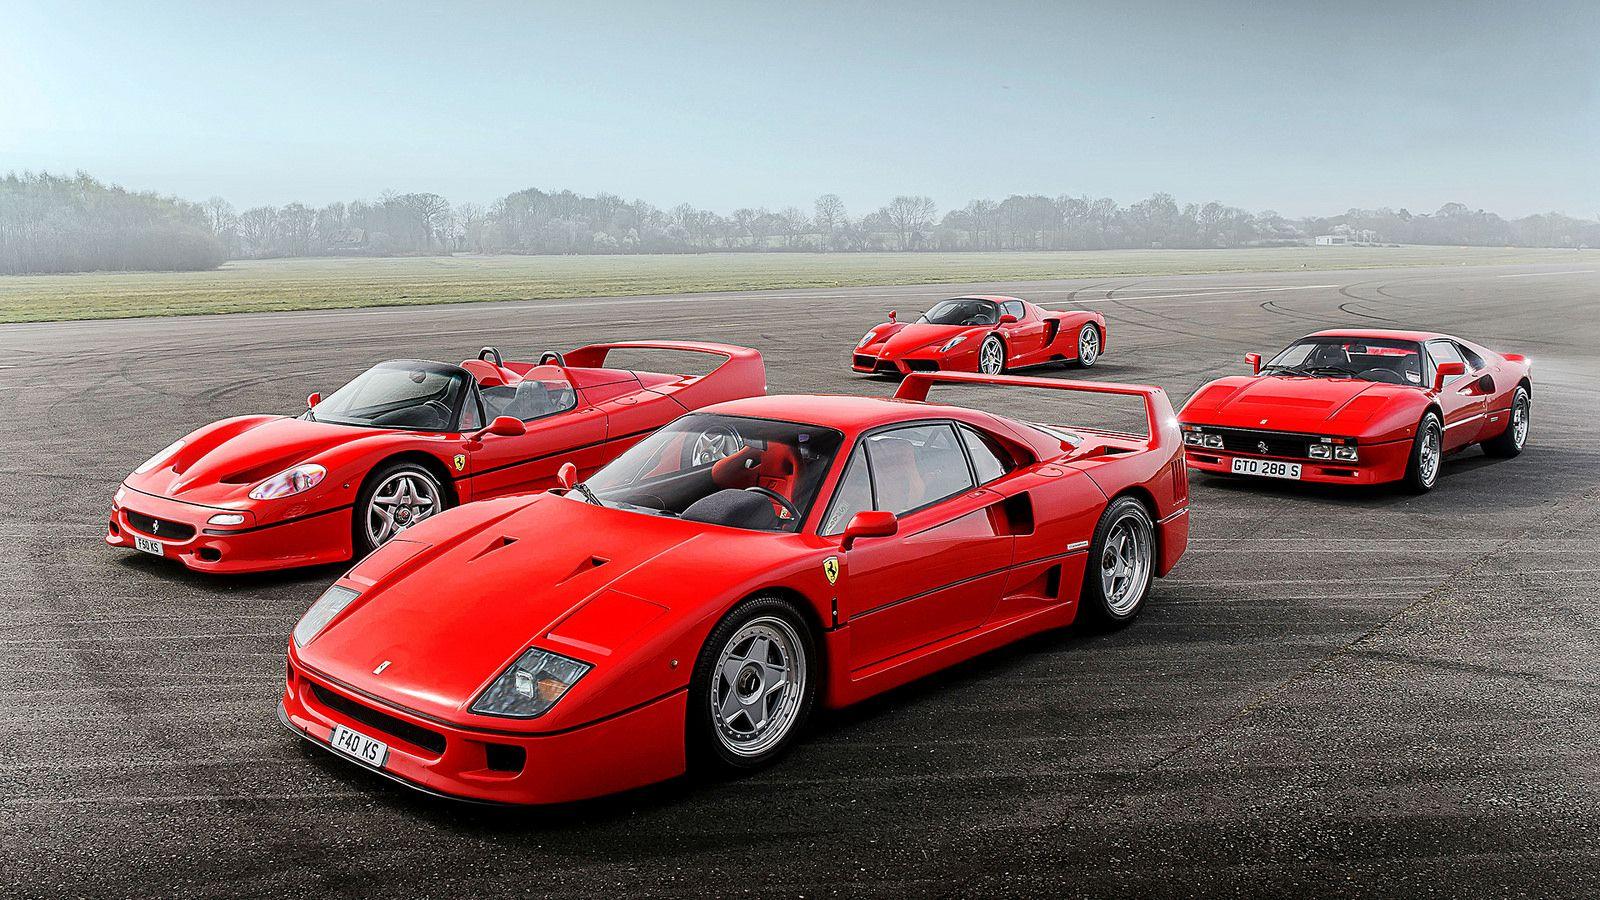 Ferrari 288 GTO / F40 / F50 / Enzo